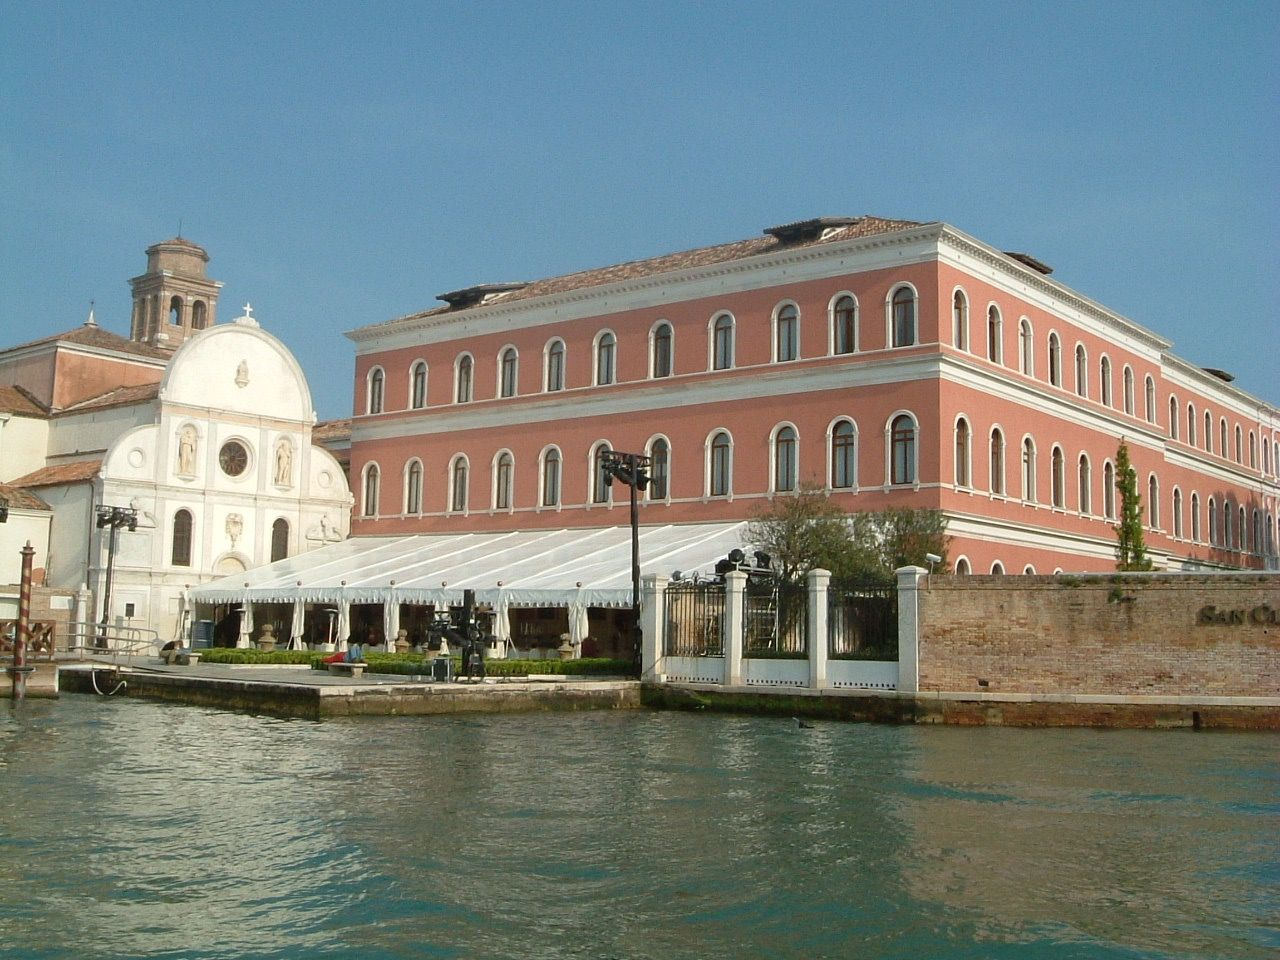 島全体が一つのリゾートホテル ヴェネチア「セントレジス・ヴェニスサンクレメンテパレス」